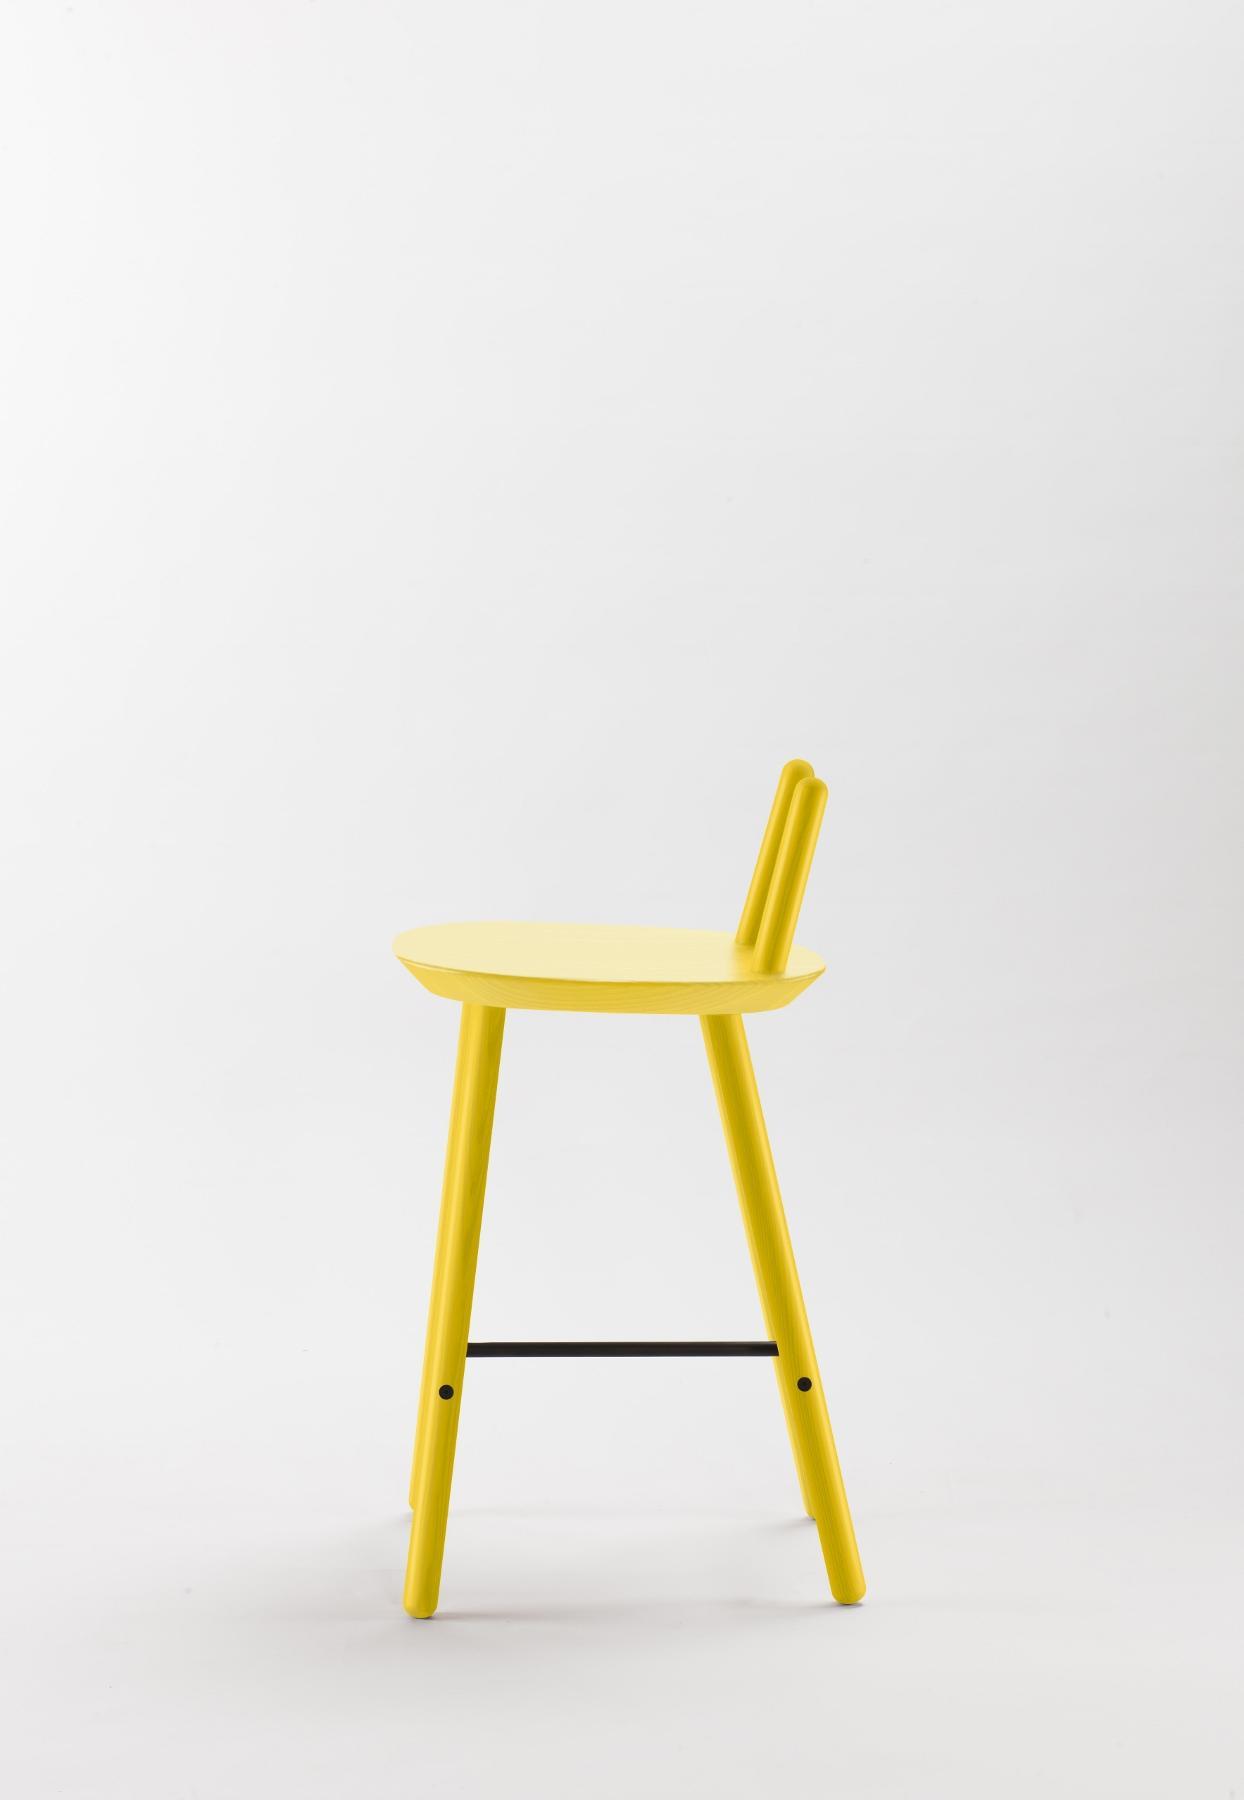 Barhocker na ve mit r ckenlehne gelb for Barhocker farbig